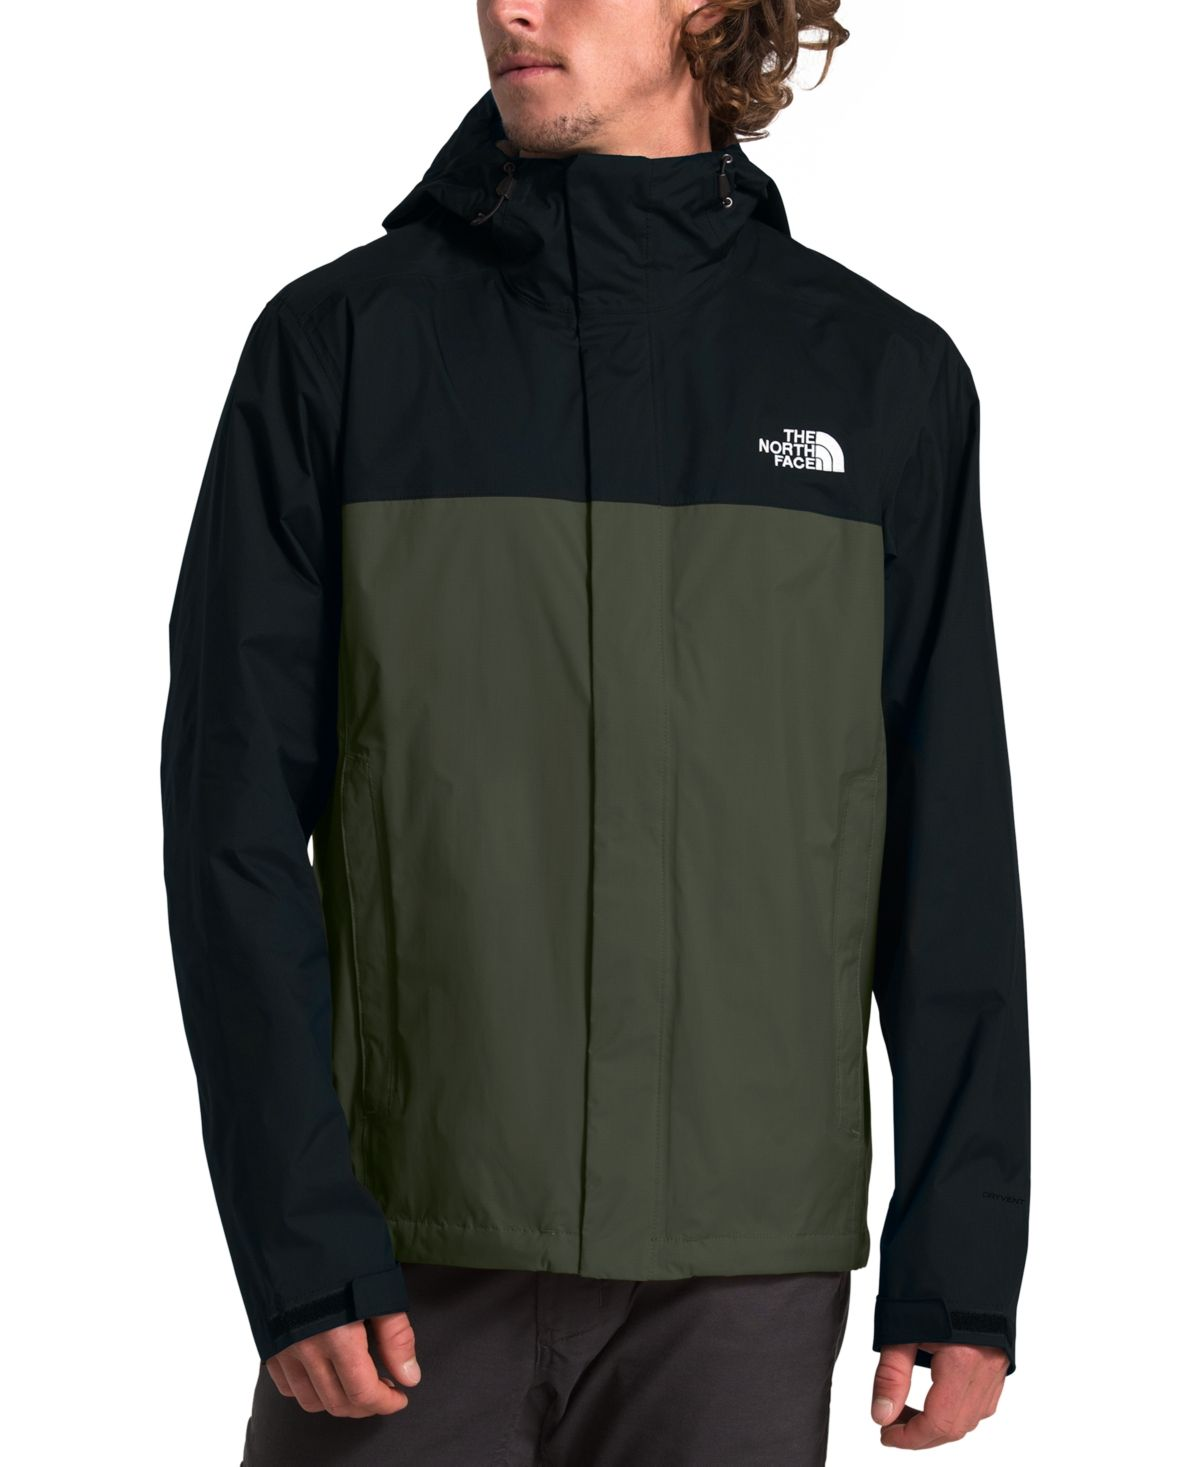 The North Face Men S Venture 2 Waterproof Jacket Reviews Coats Jackets Men Macy S Waterproof Jacket North Face Mens Hooded Jacket Men [ 1467 x 1200 Pixel ]